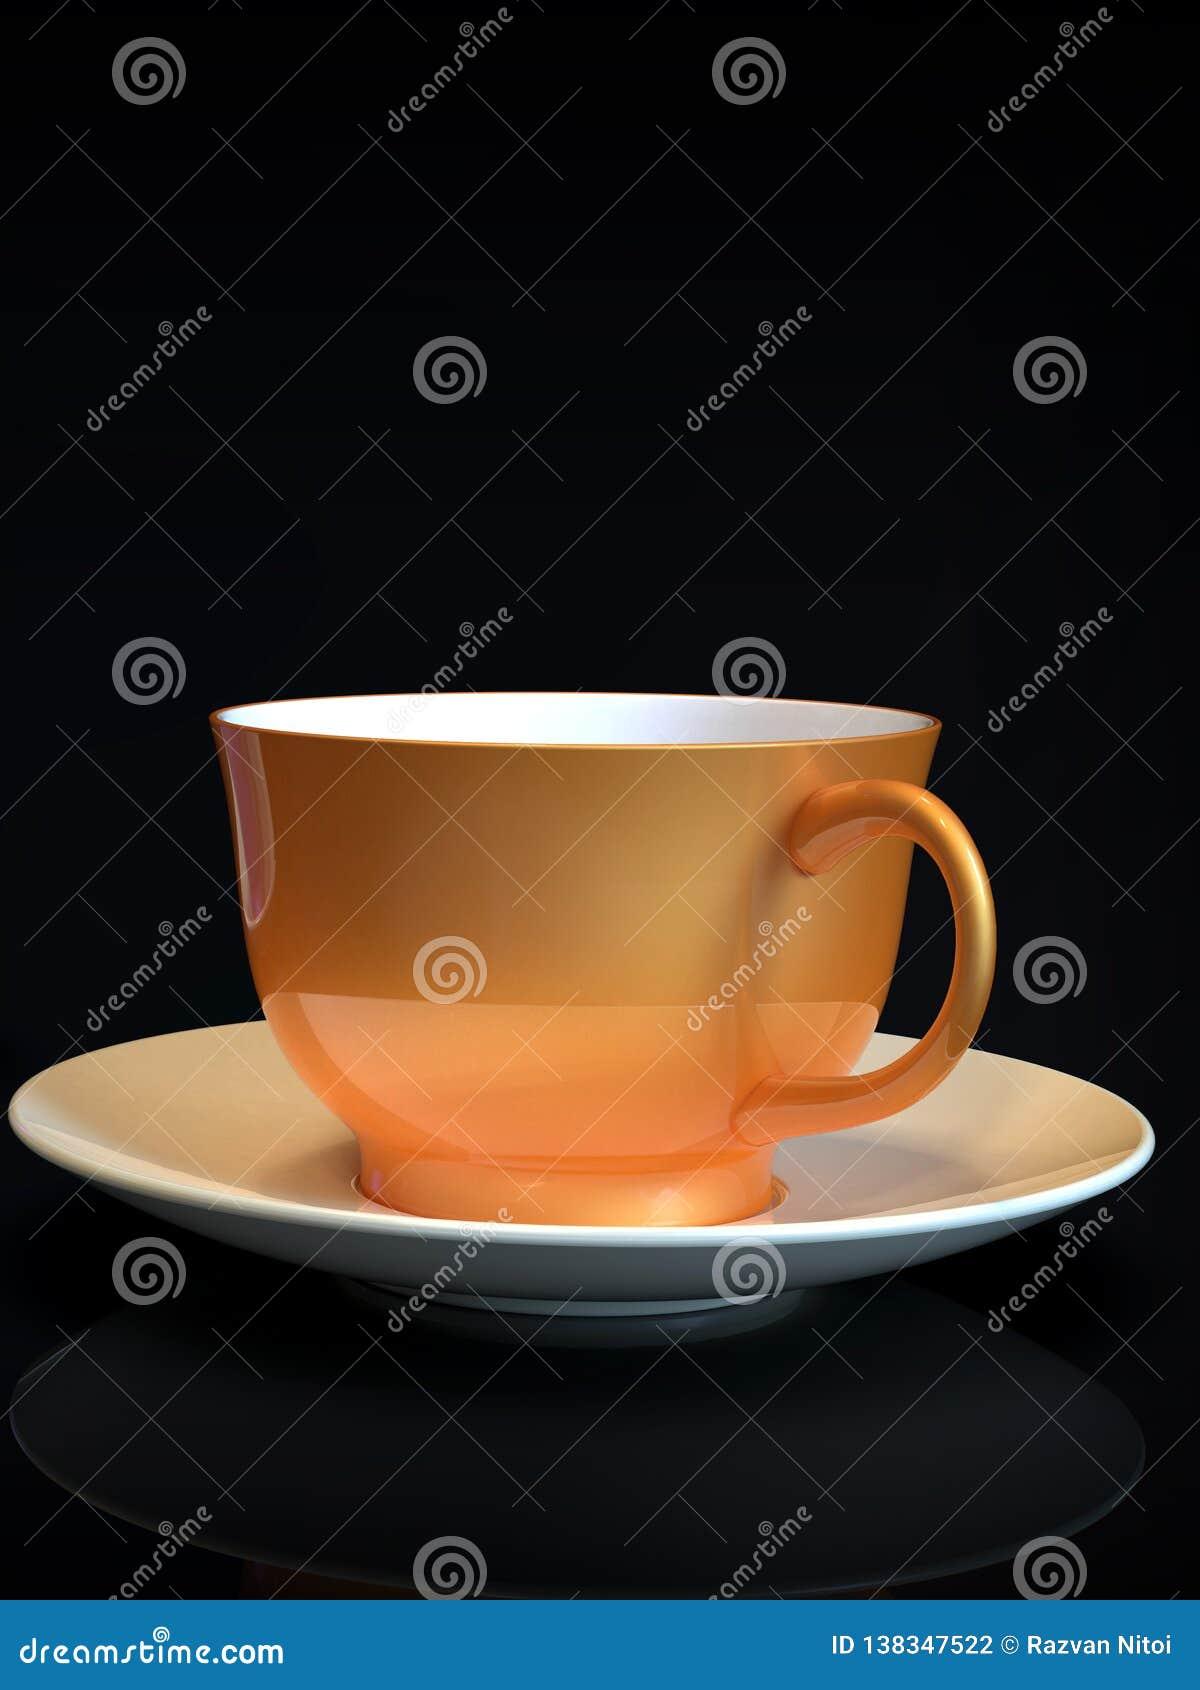 Ένα φλυτζάνι καφέ, πορτοκαλής κεραμικός, στο μαύρο υπόβαθρο